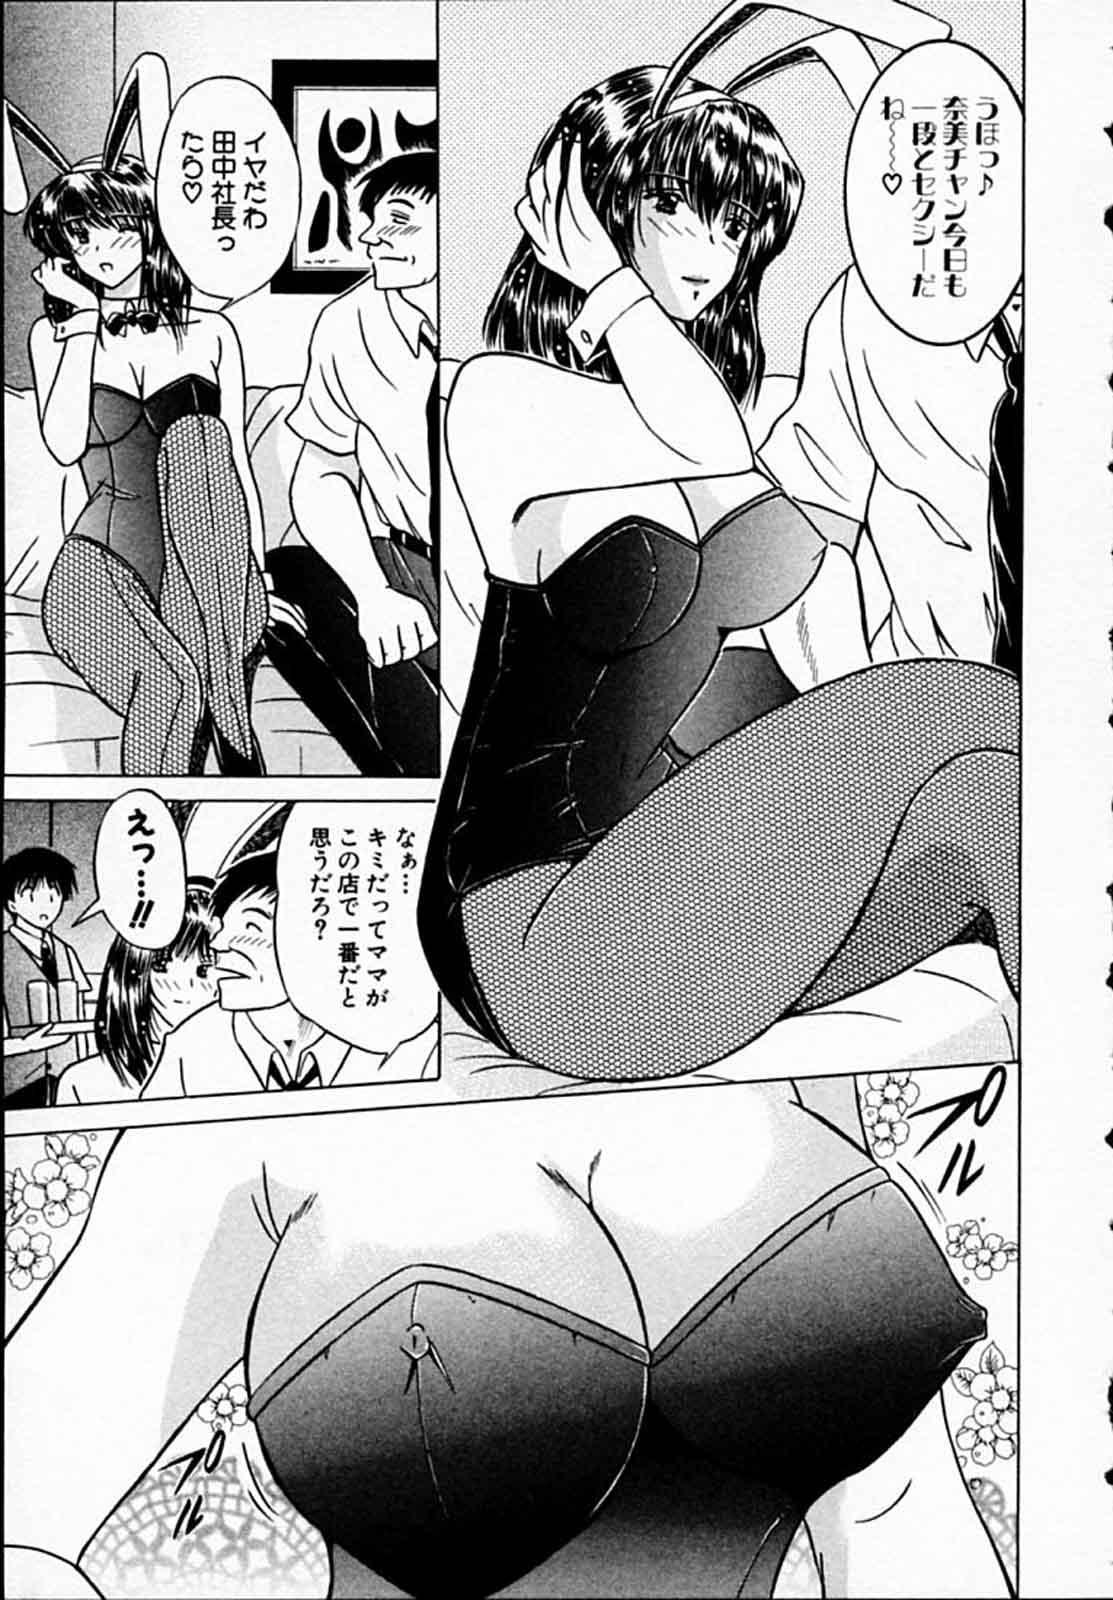 Hiyokko Nurse! 117